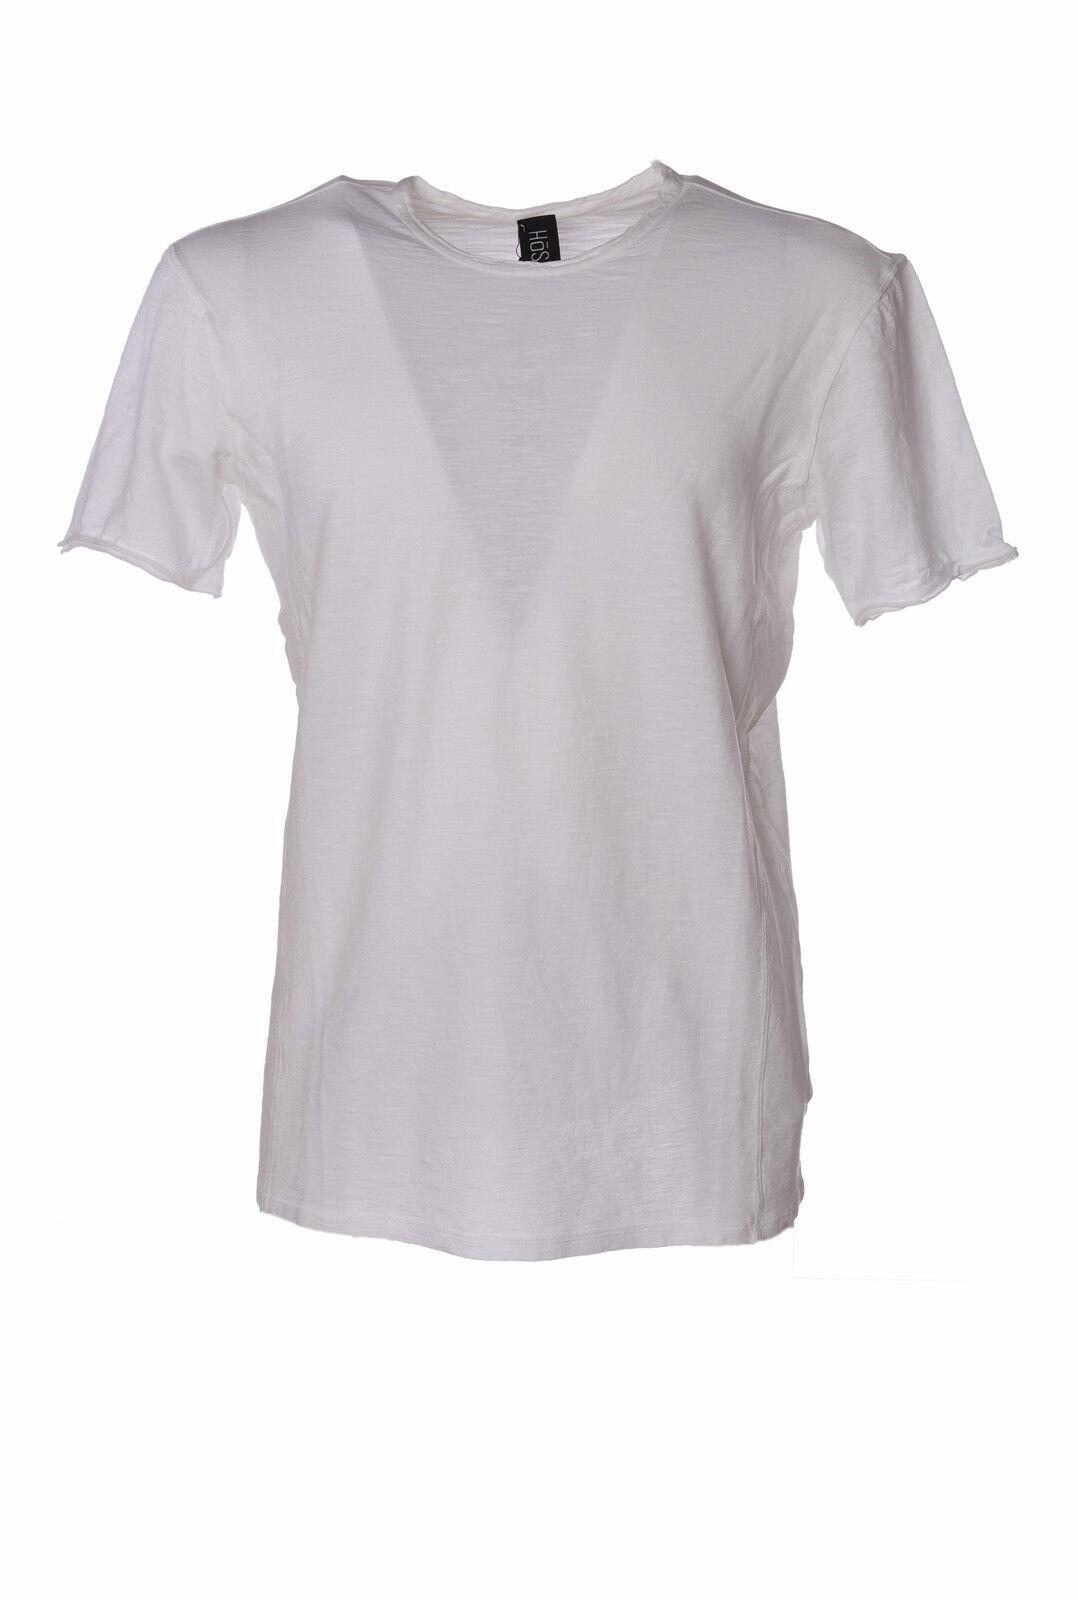 Hosio  -  T - Male - Weiß - 2612528N173953